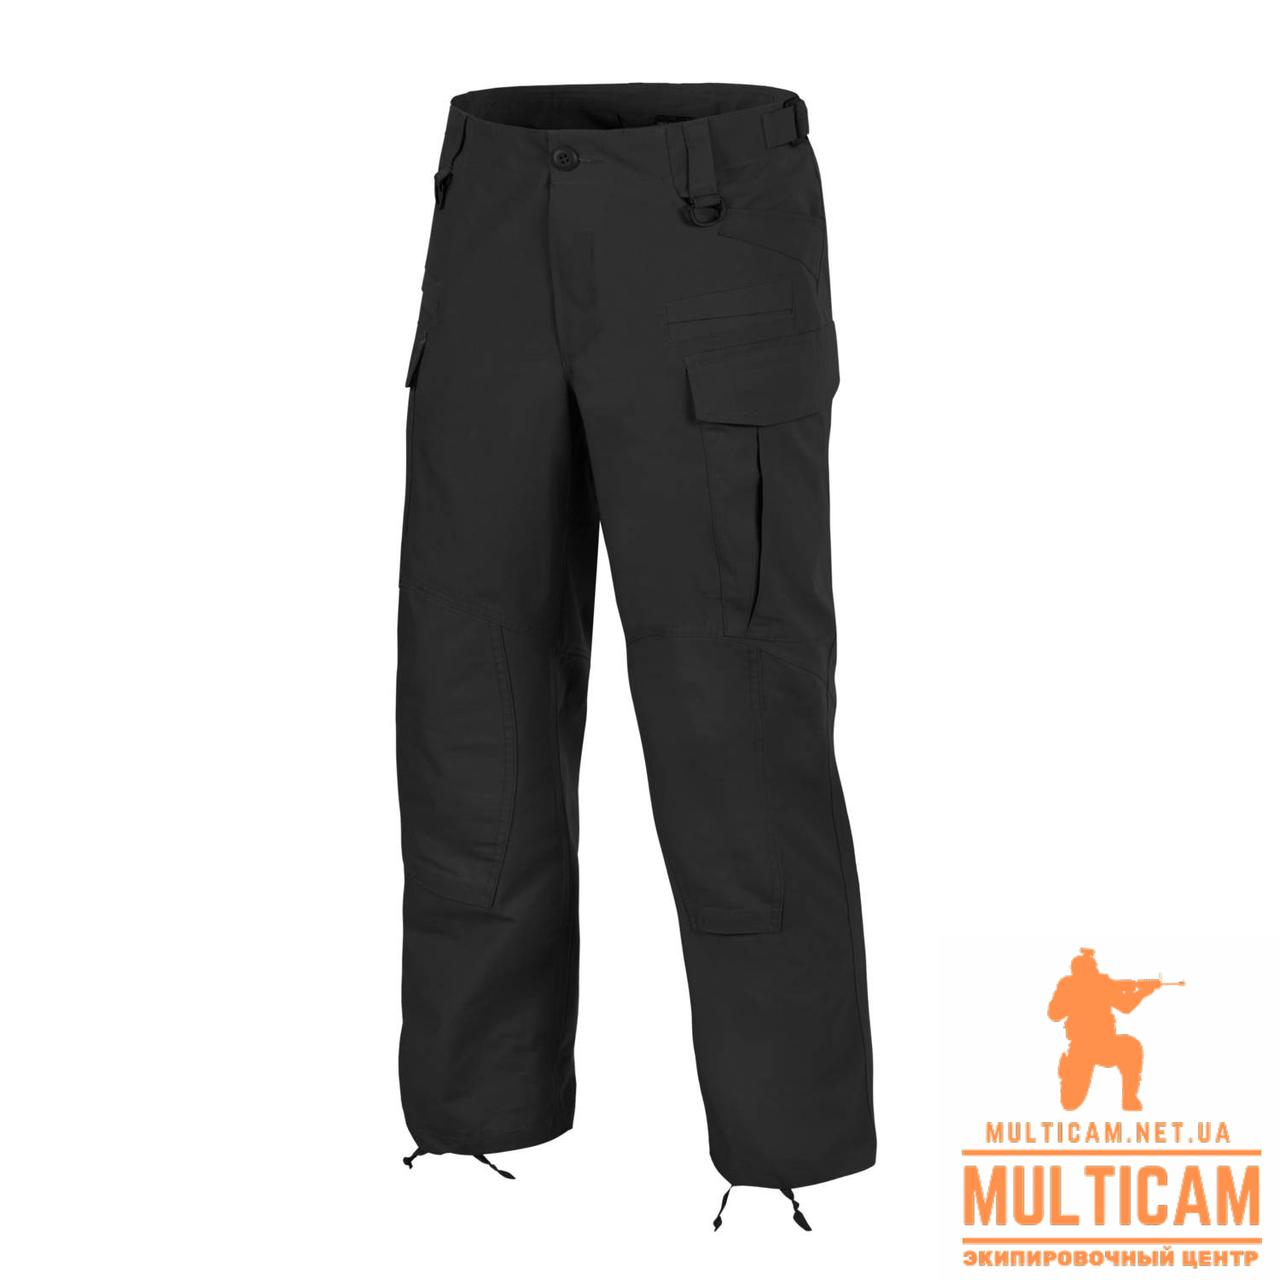 Брюки Helikon-Tex® SFU NEXT Pants® - PolyCotton Ripstop - Black